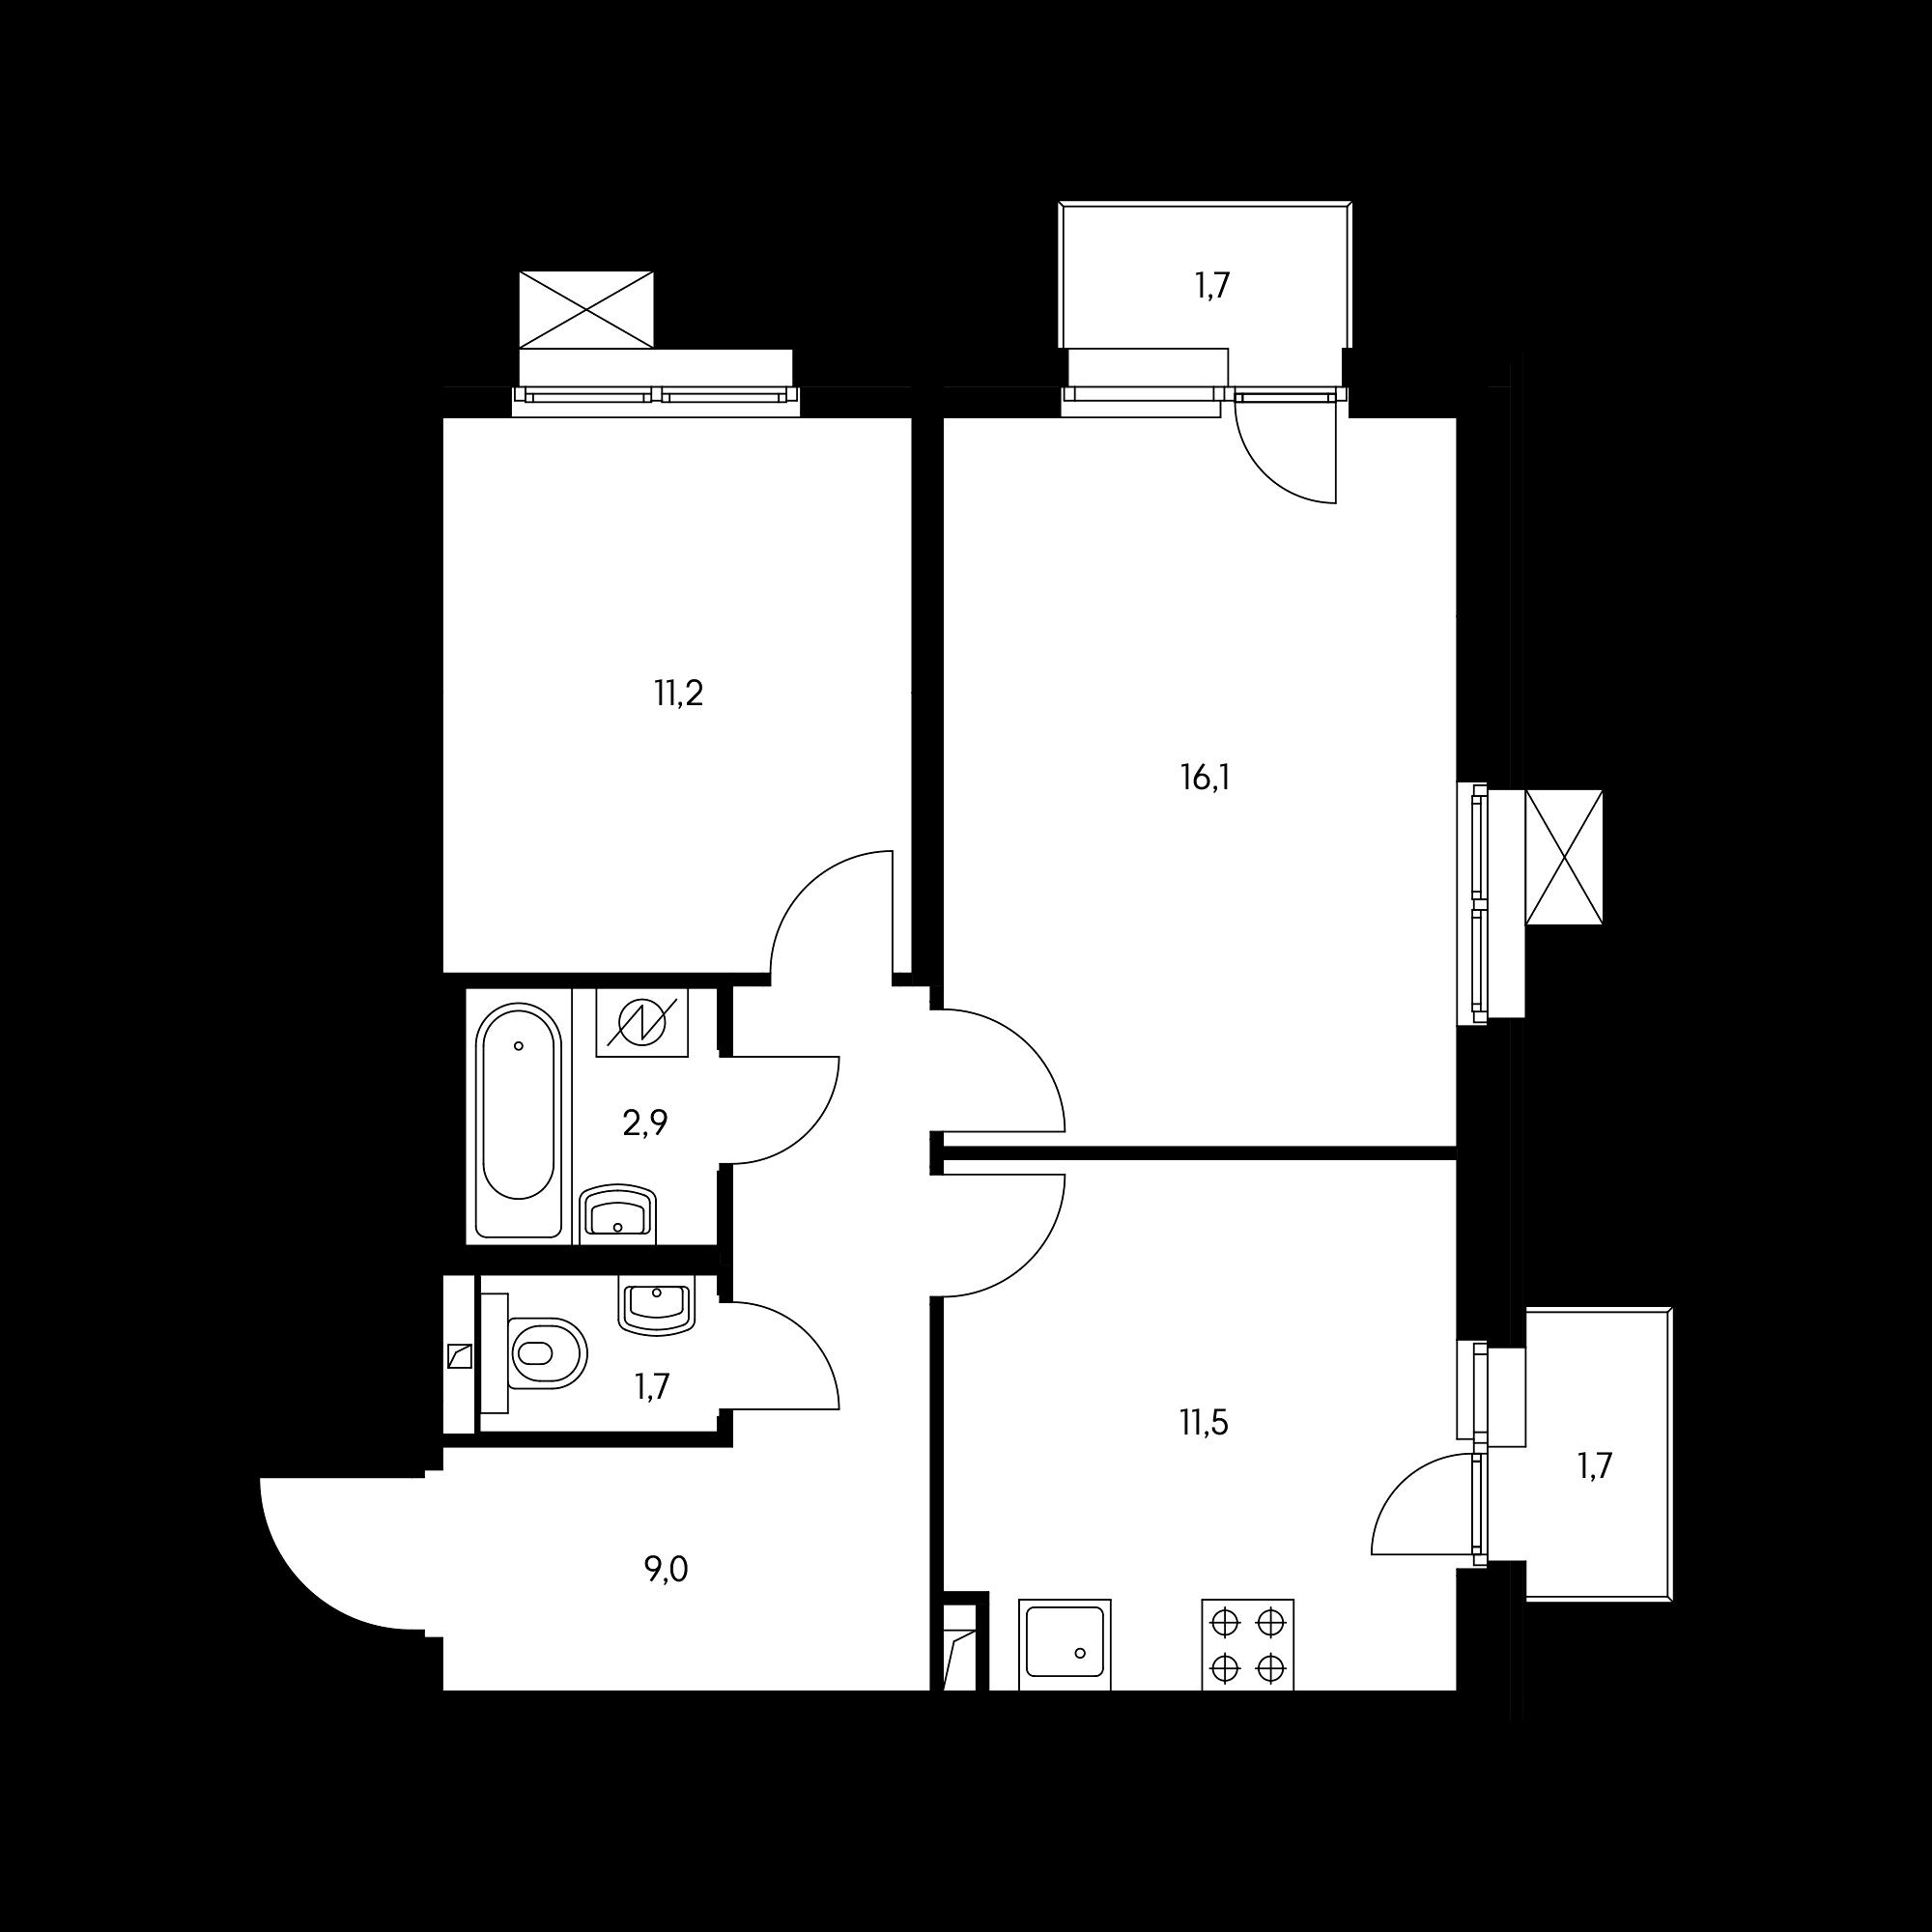 2KS21_6.9-1SAB1